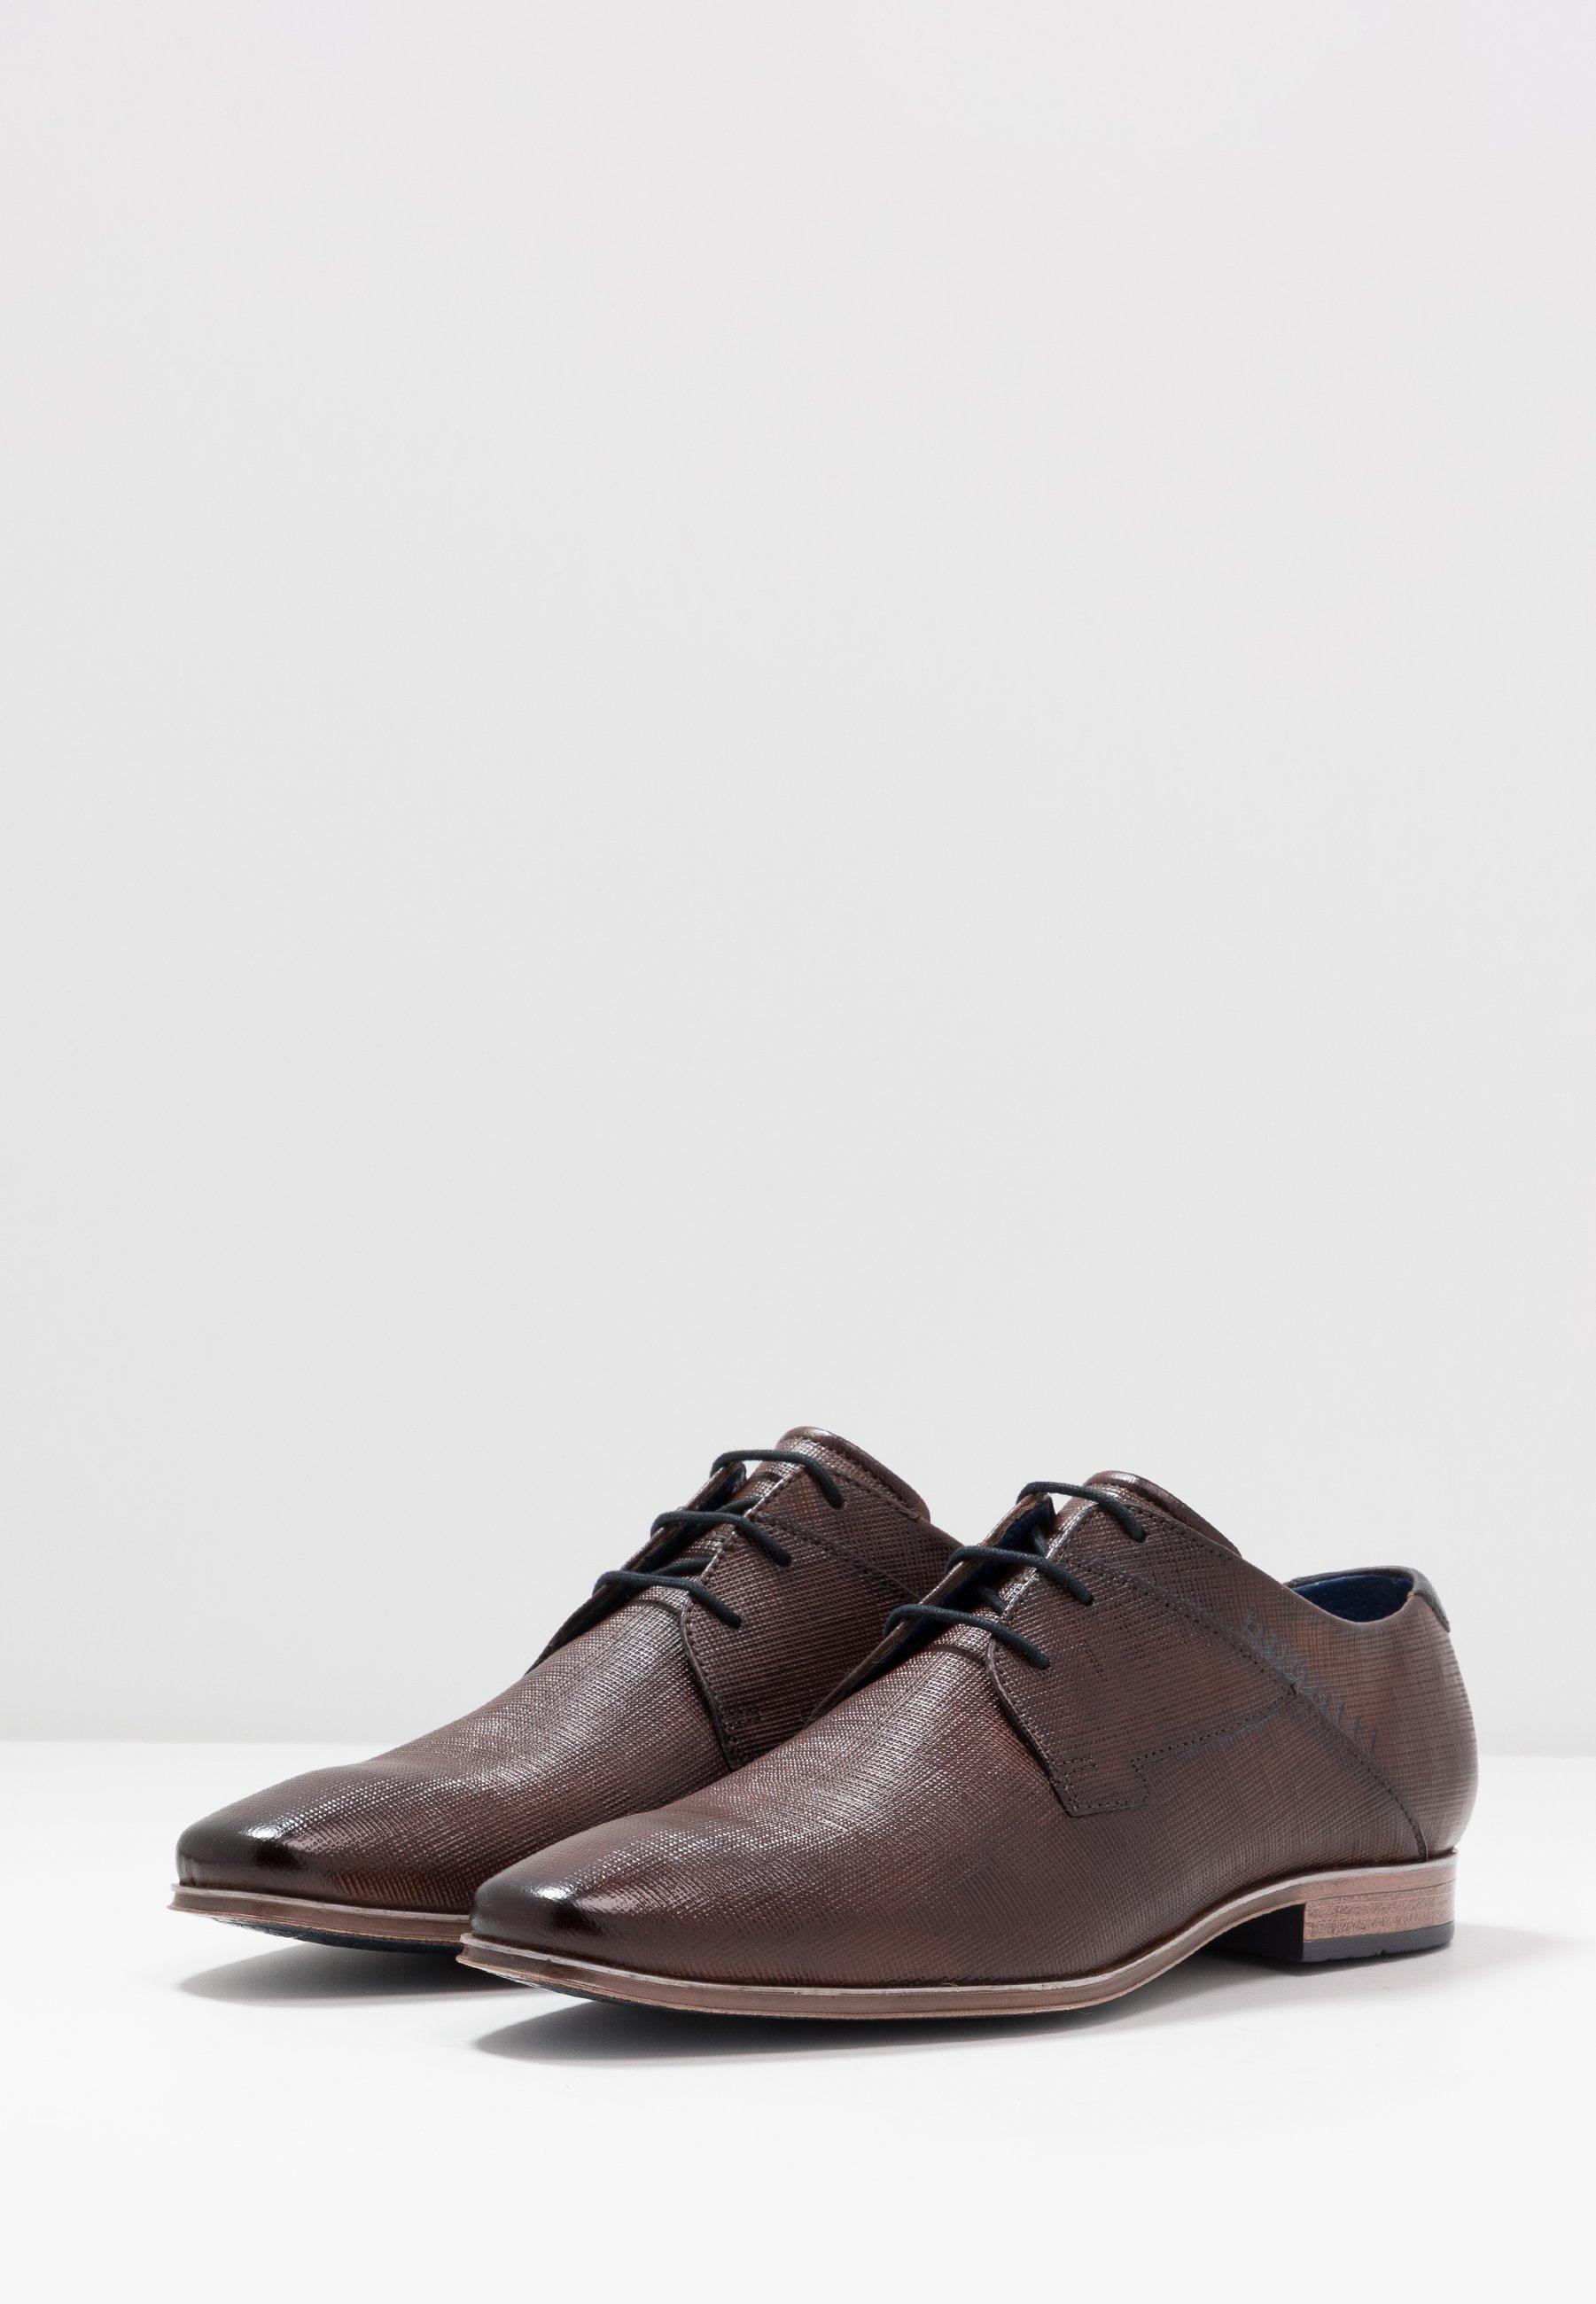 Offerta limite a buon mercato Scarpe da uomo Bugatti MORINO Stringate eleganti brown